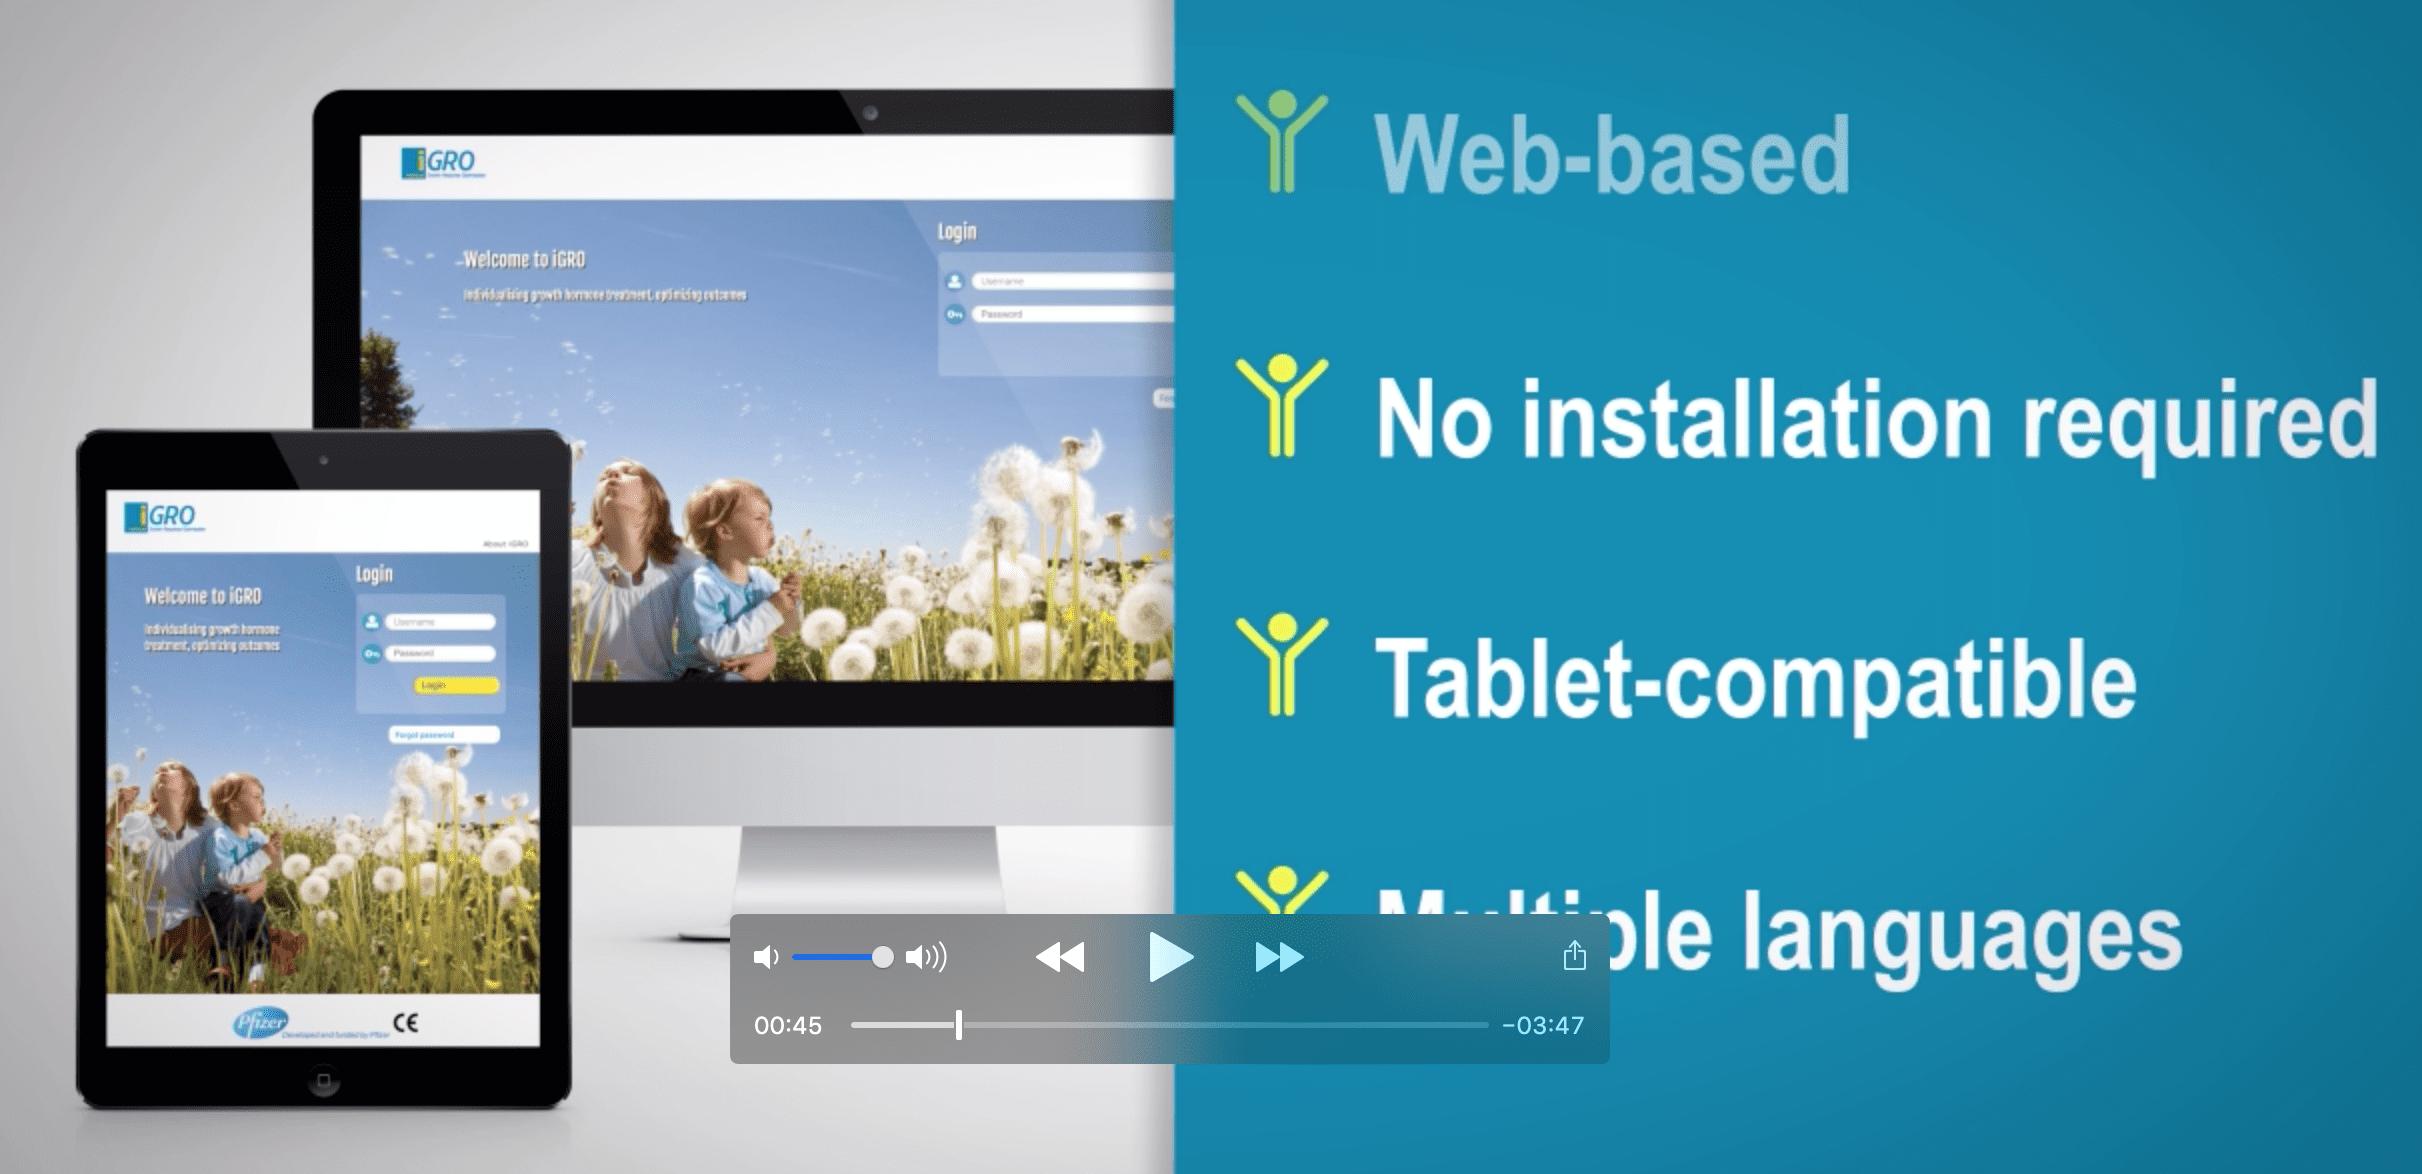 iGro video screenshot